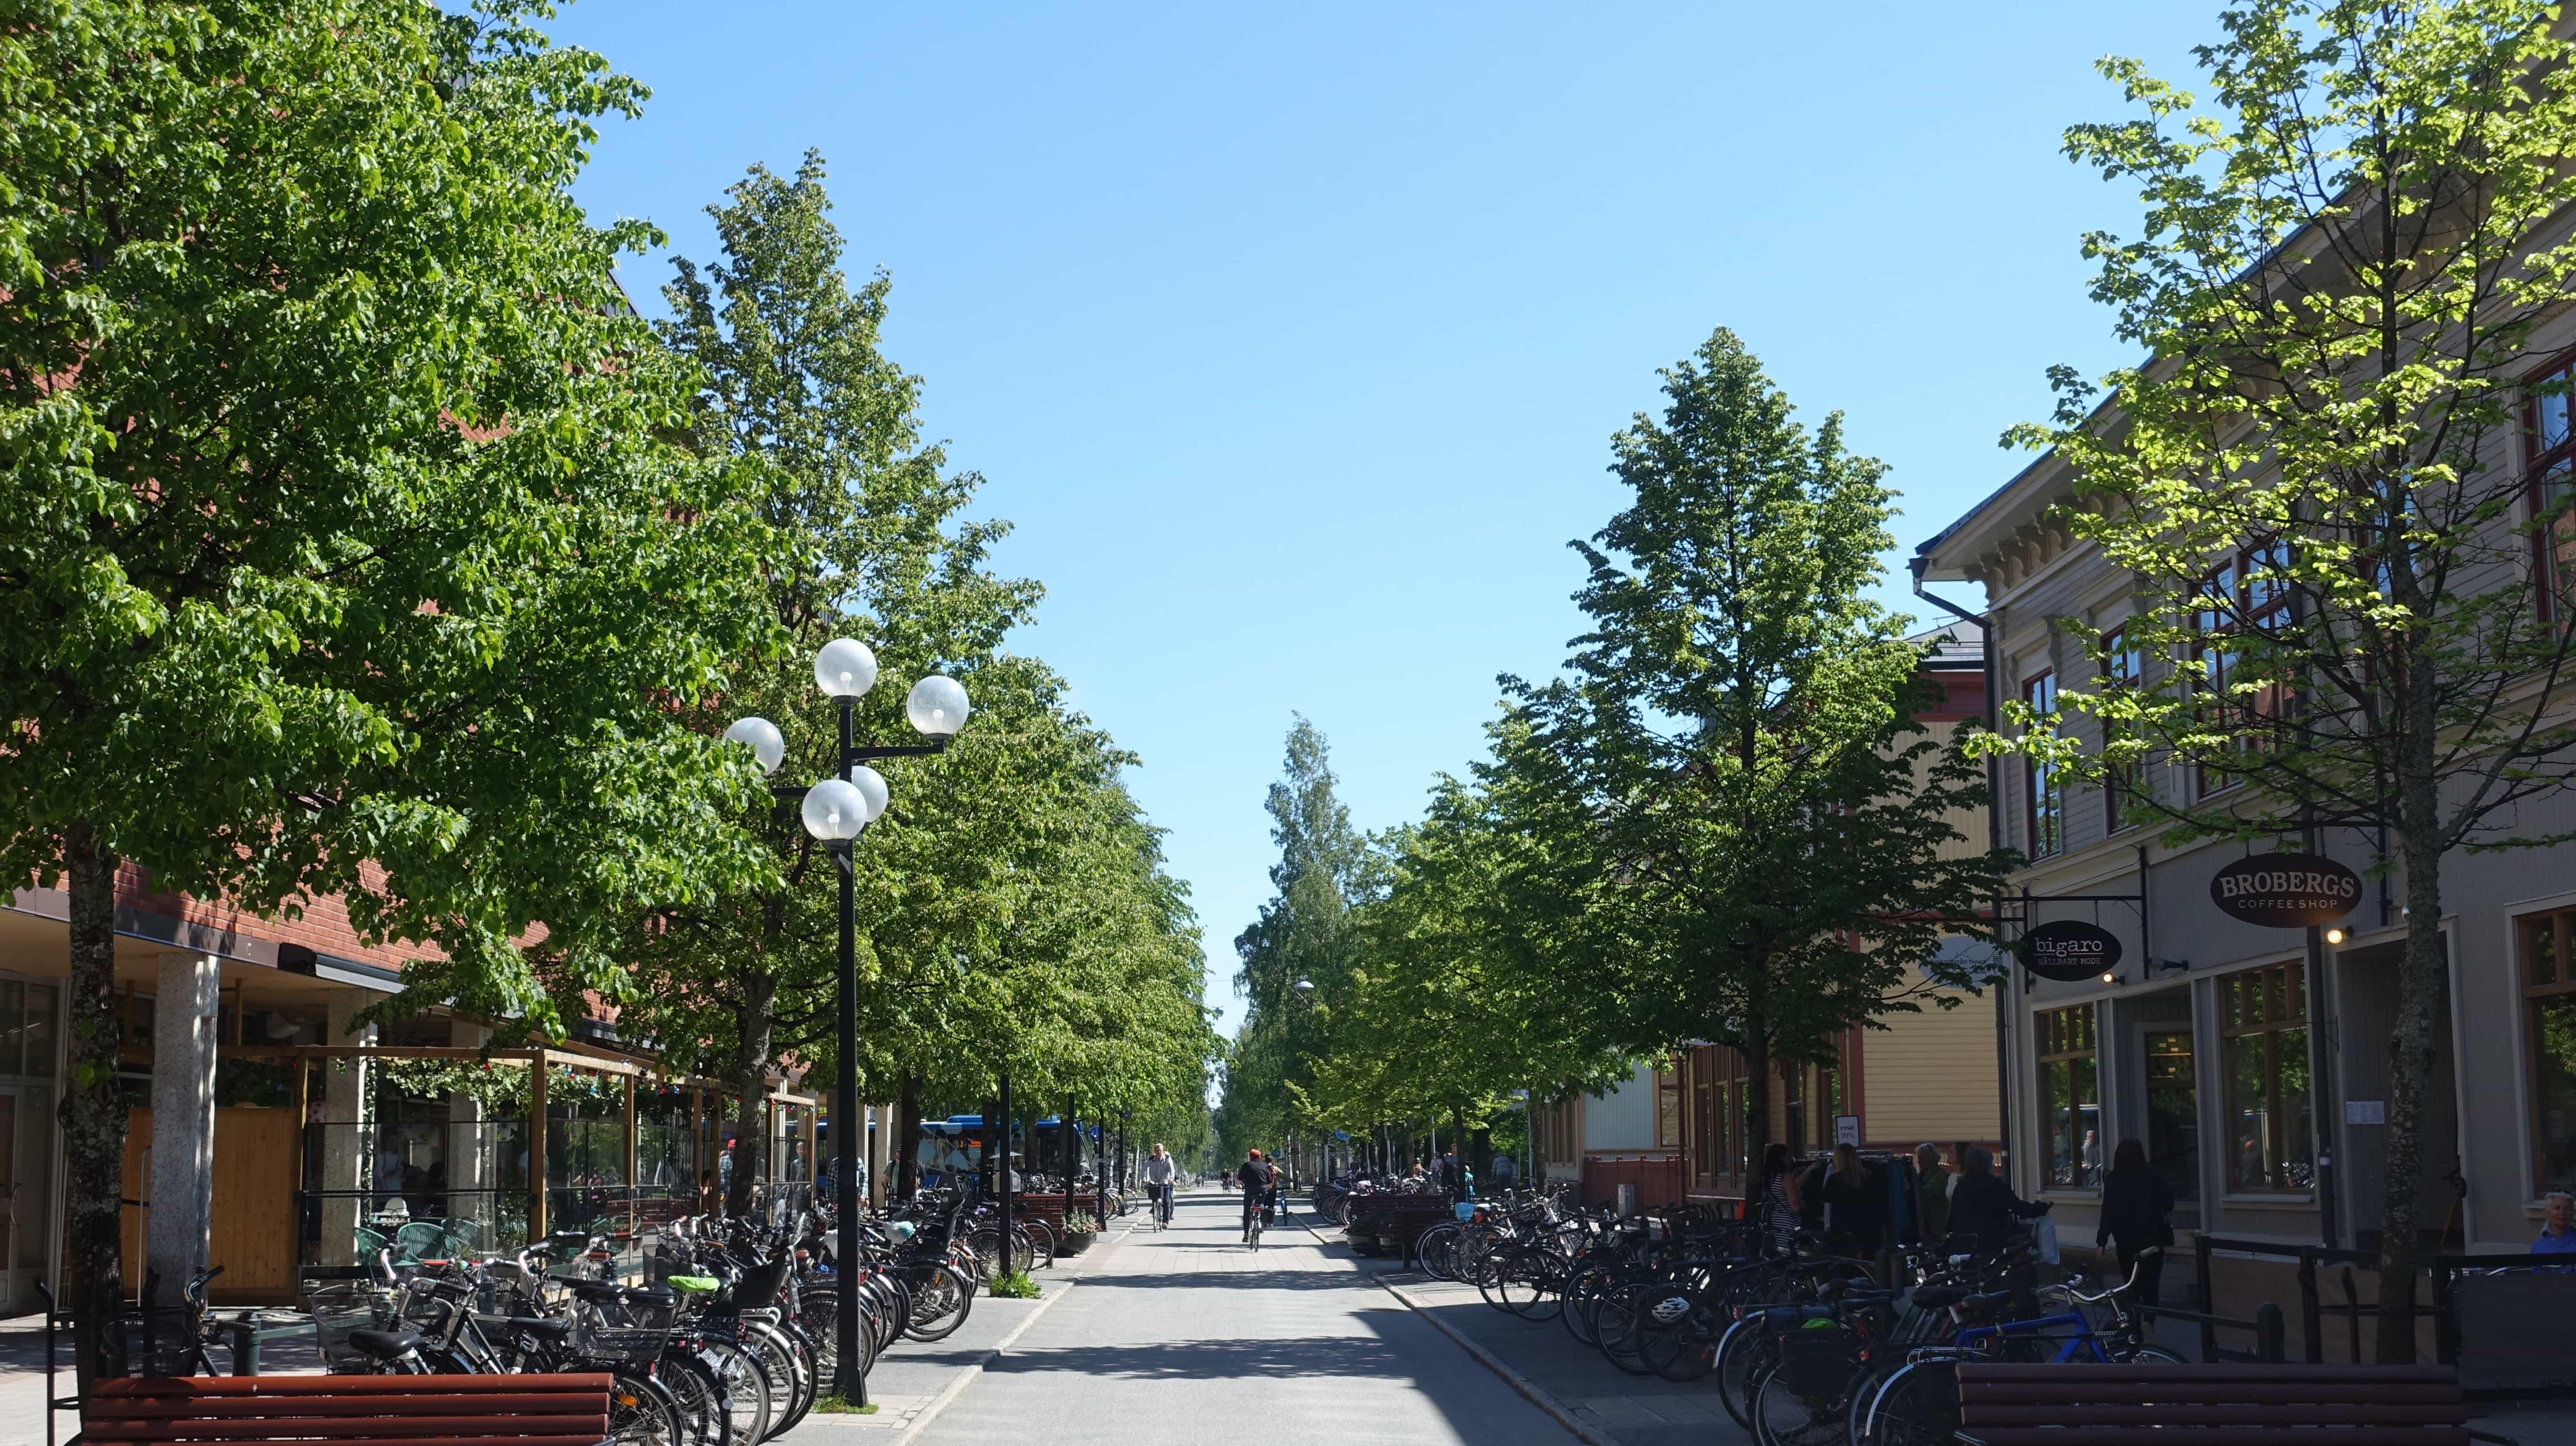 Green Umeå – der Name ist Programm